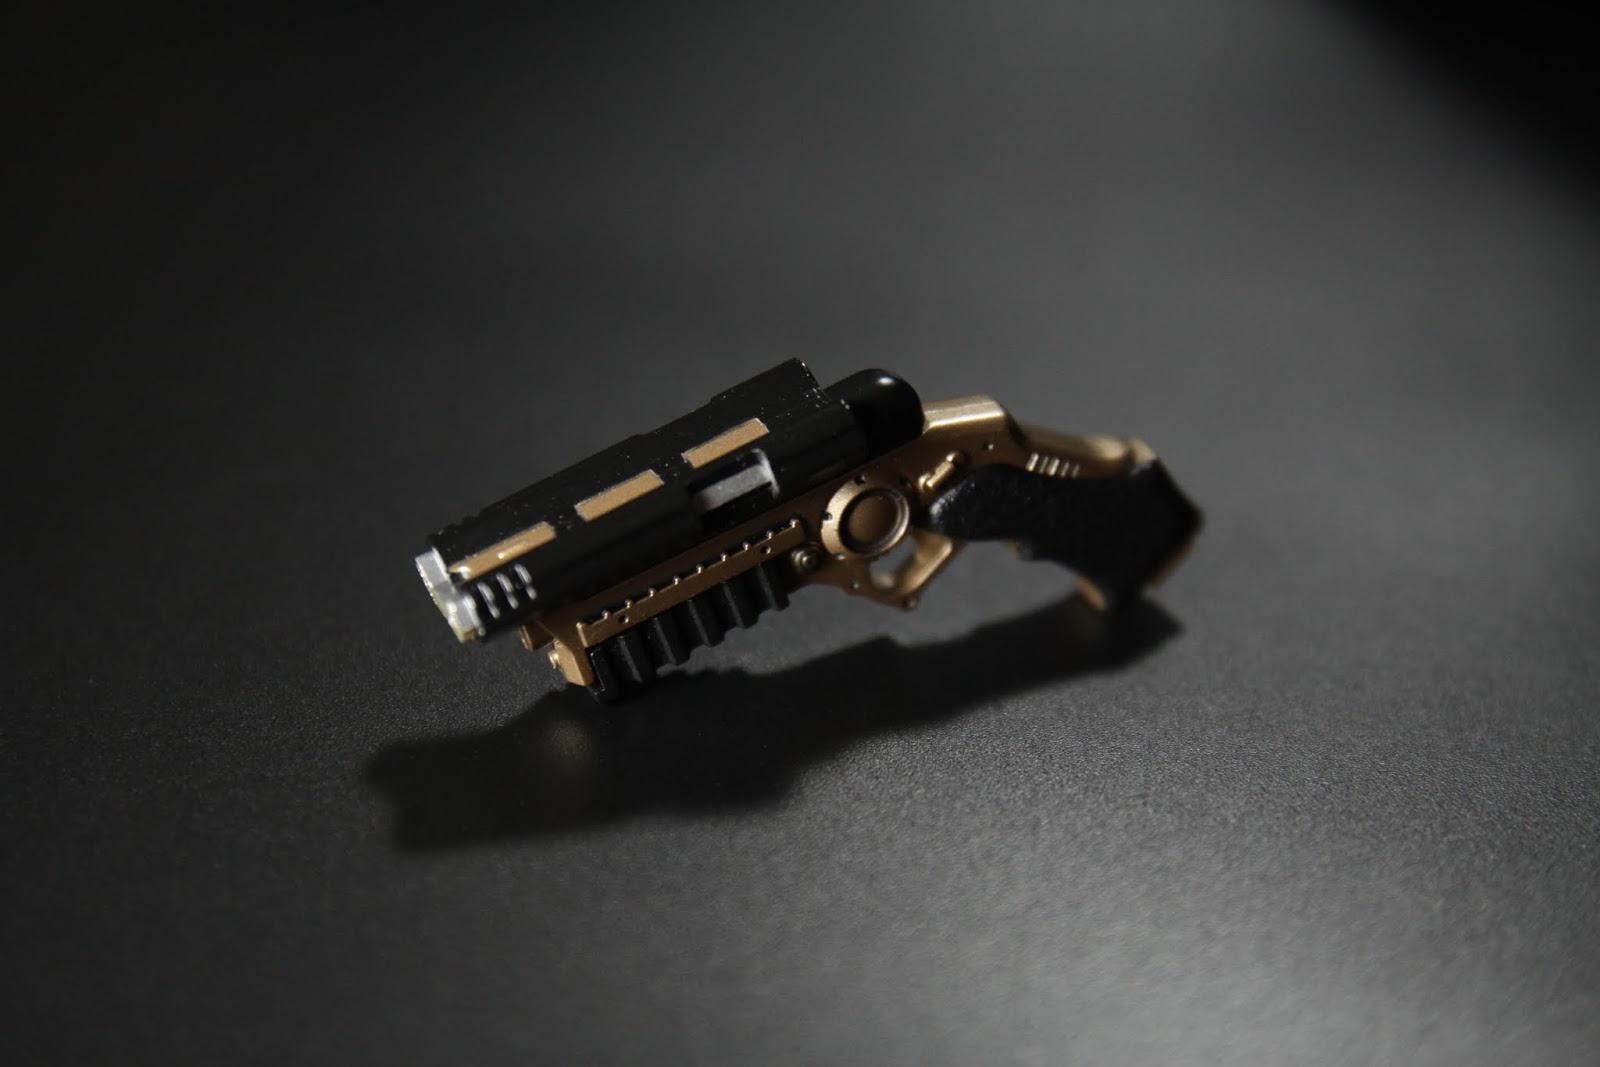 拋繩槍, 非常細緻,槍機可以向後拉